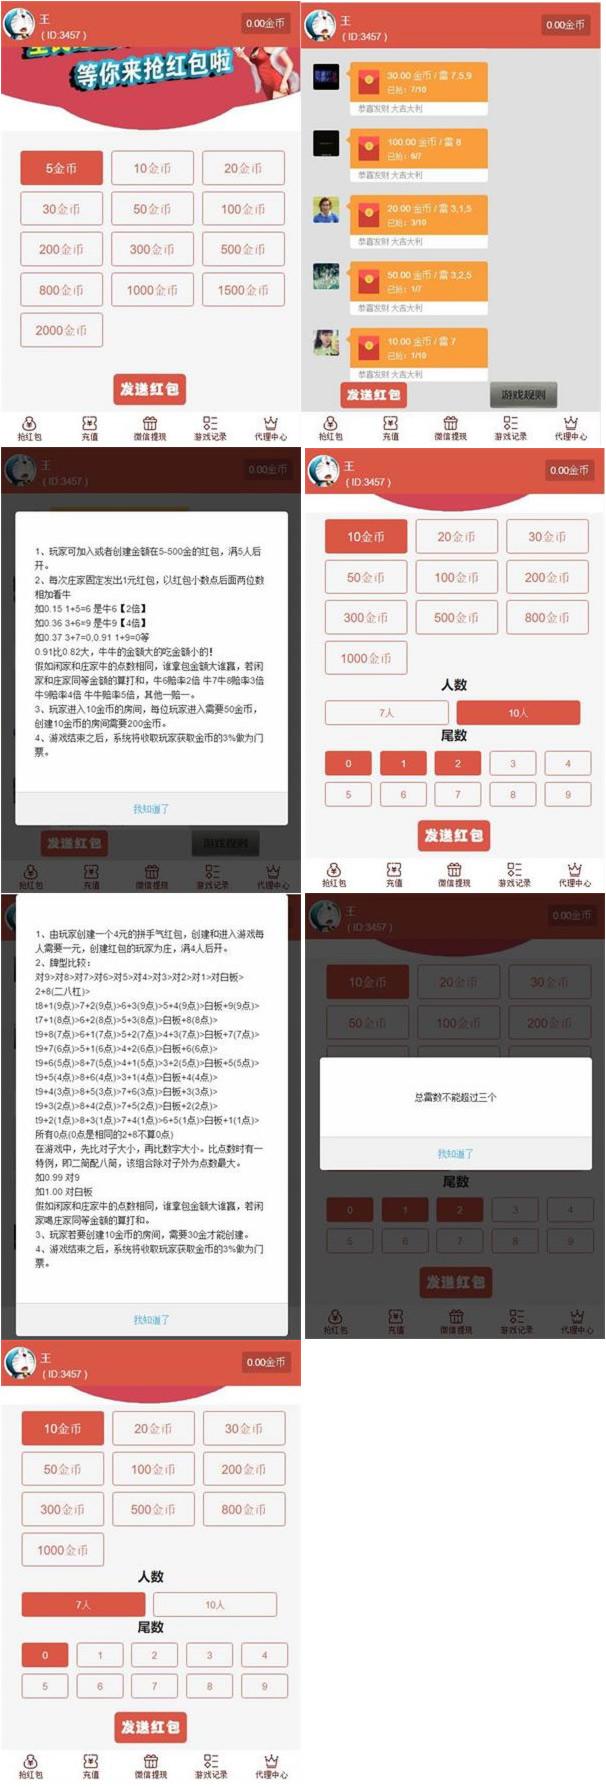 运营级红包直通车V4.0修复版系统源码  带免签支付+搭建教程-爱资源分享